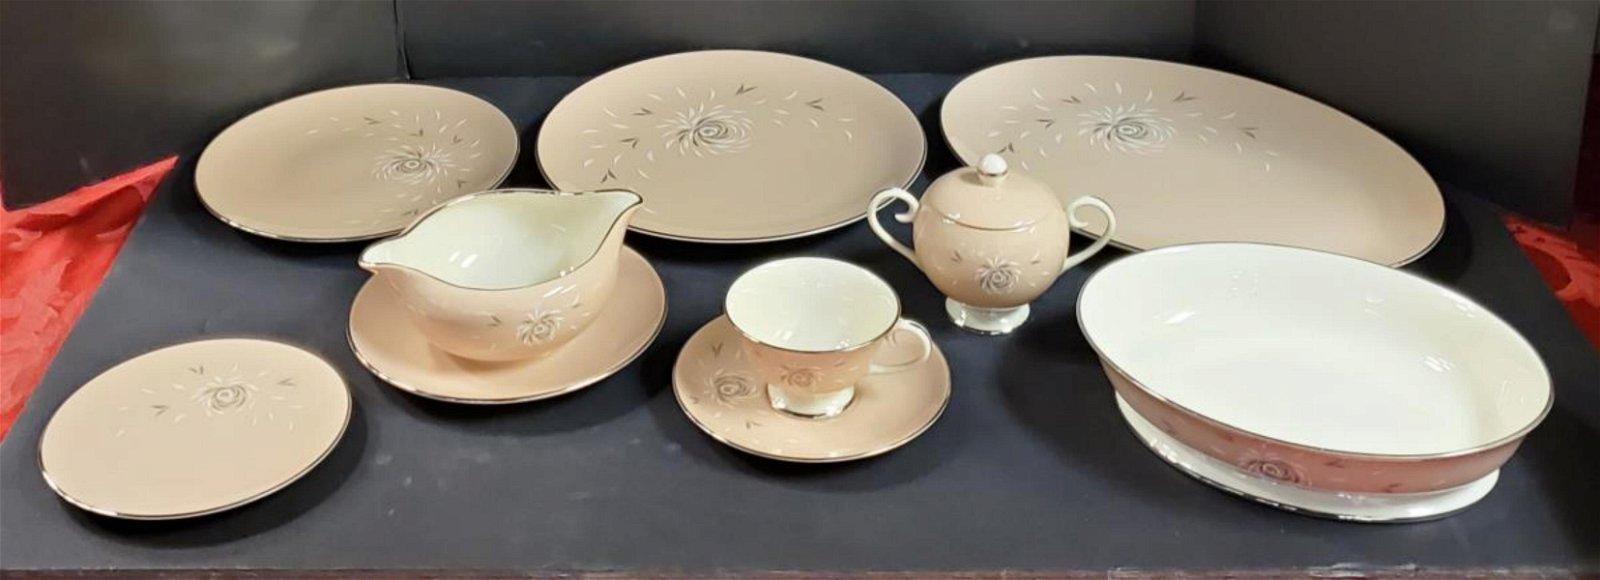 Large Set of Flintridge China Daybreak Tan Pattern